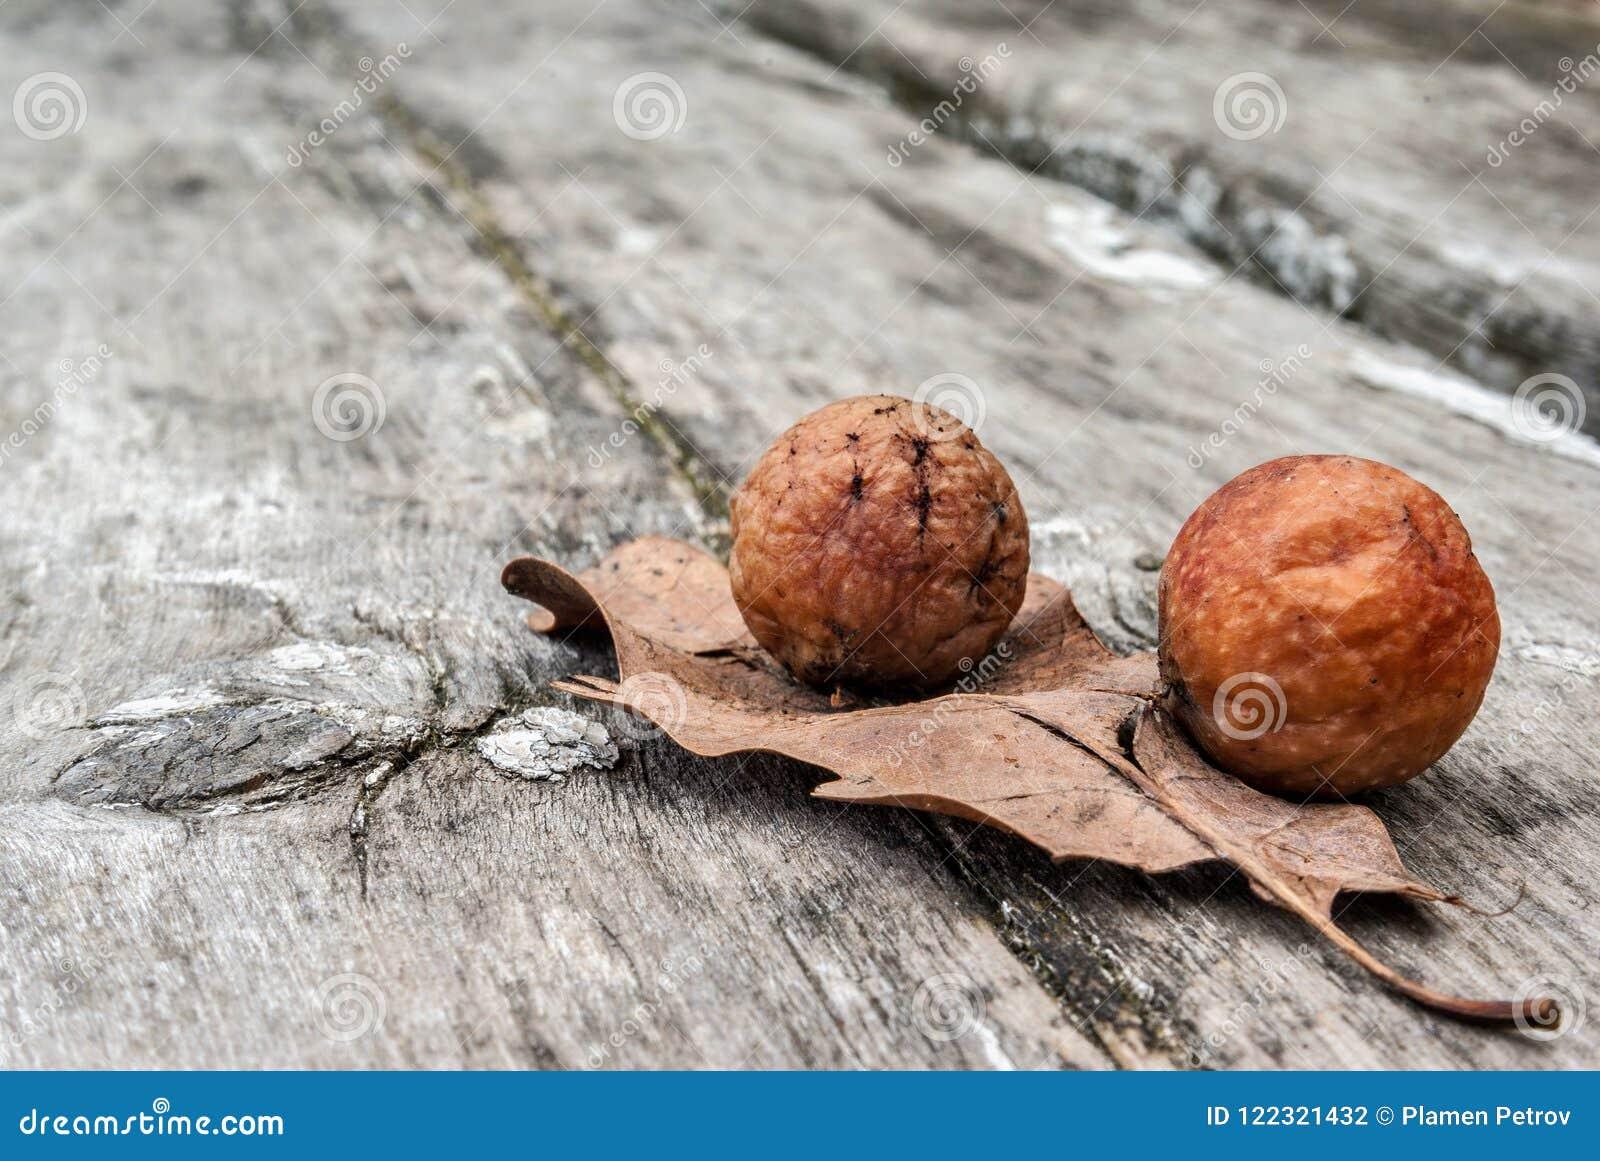 Frutas salvajes